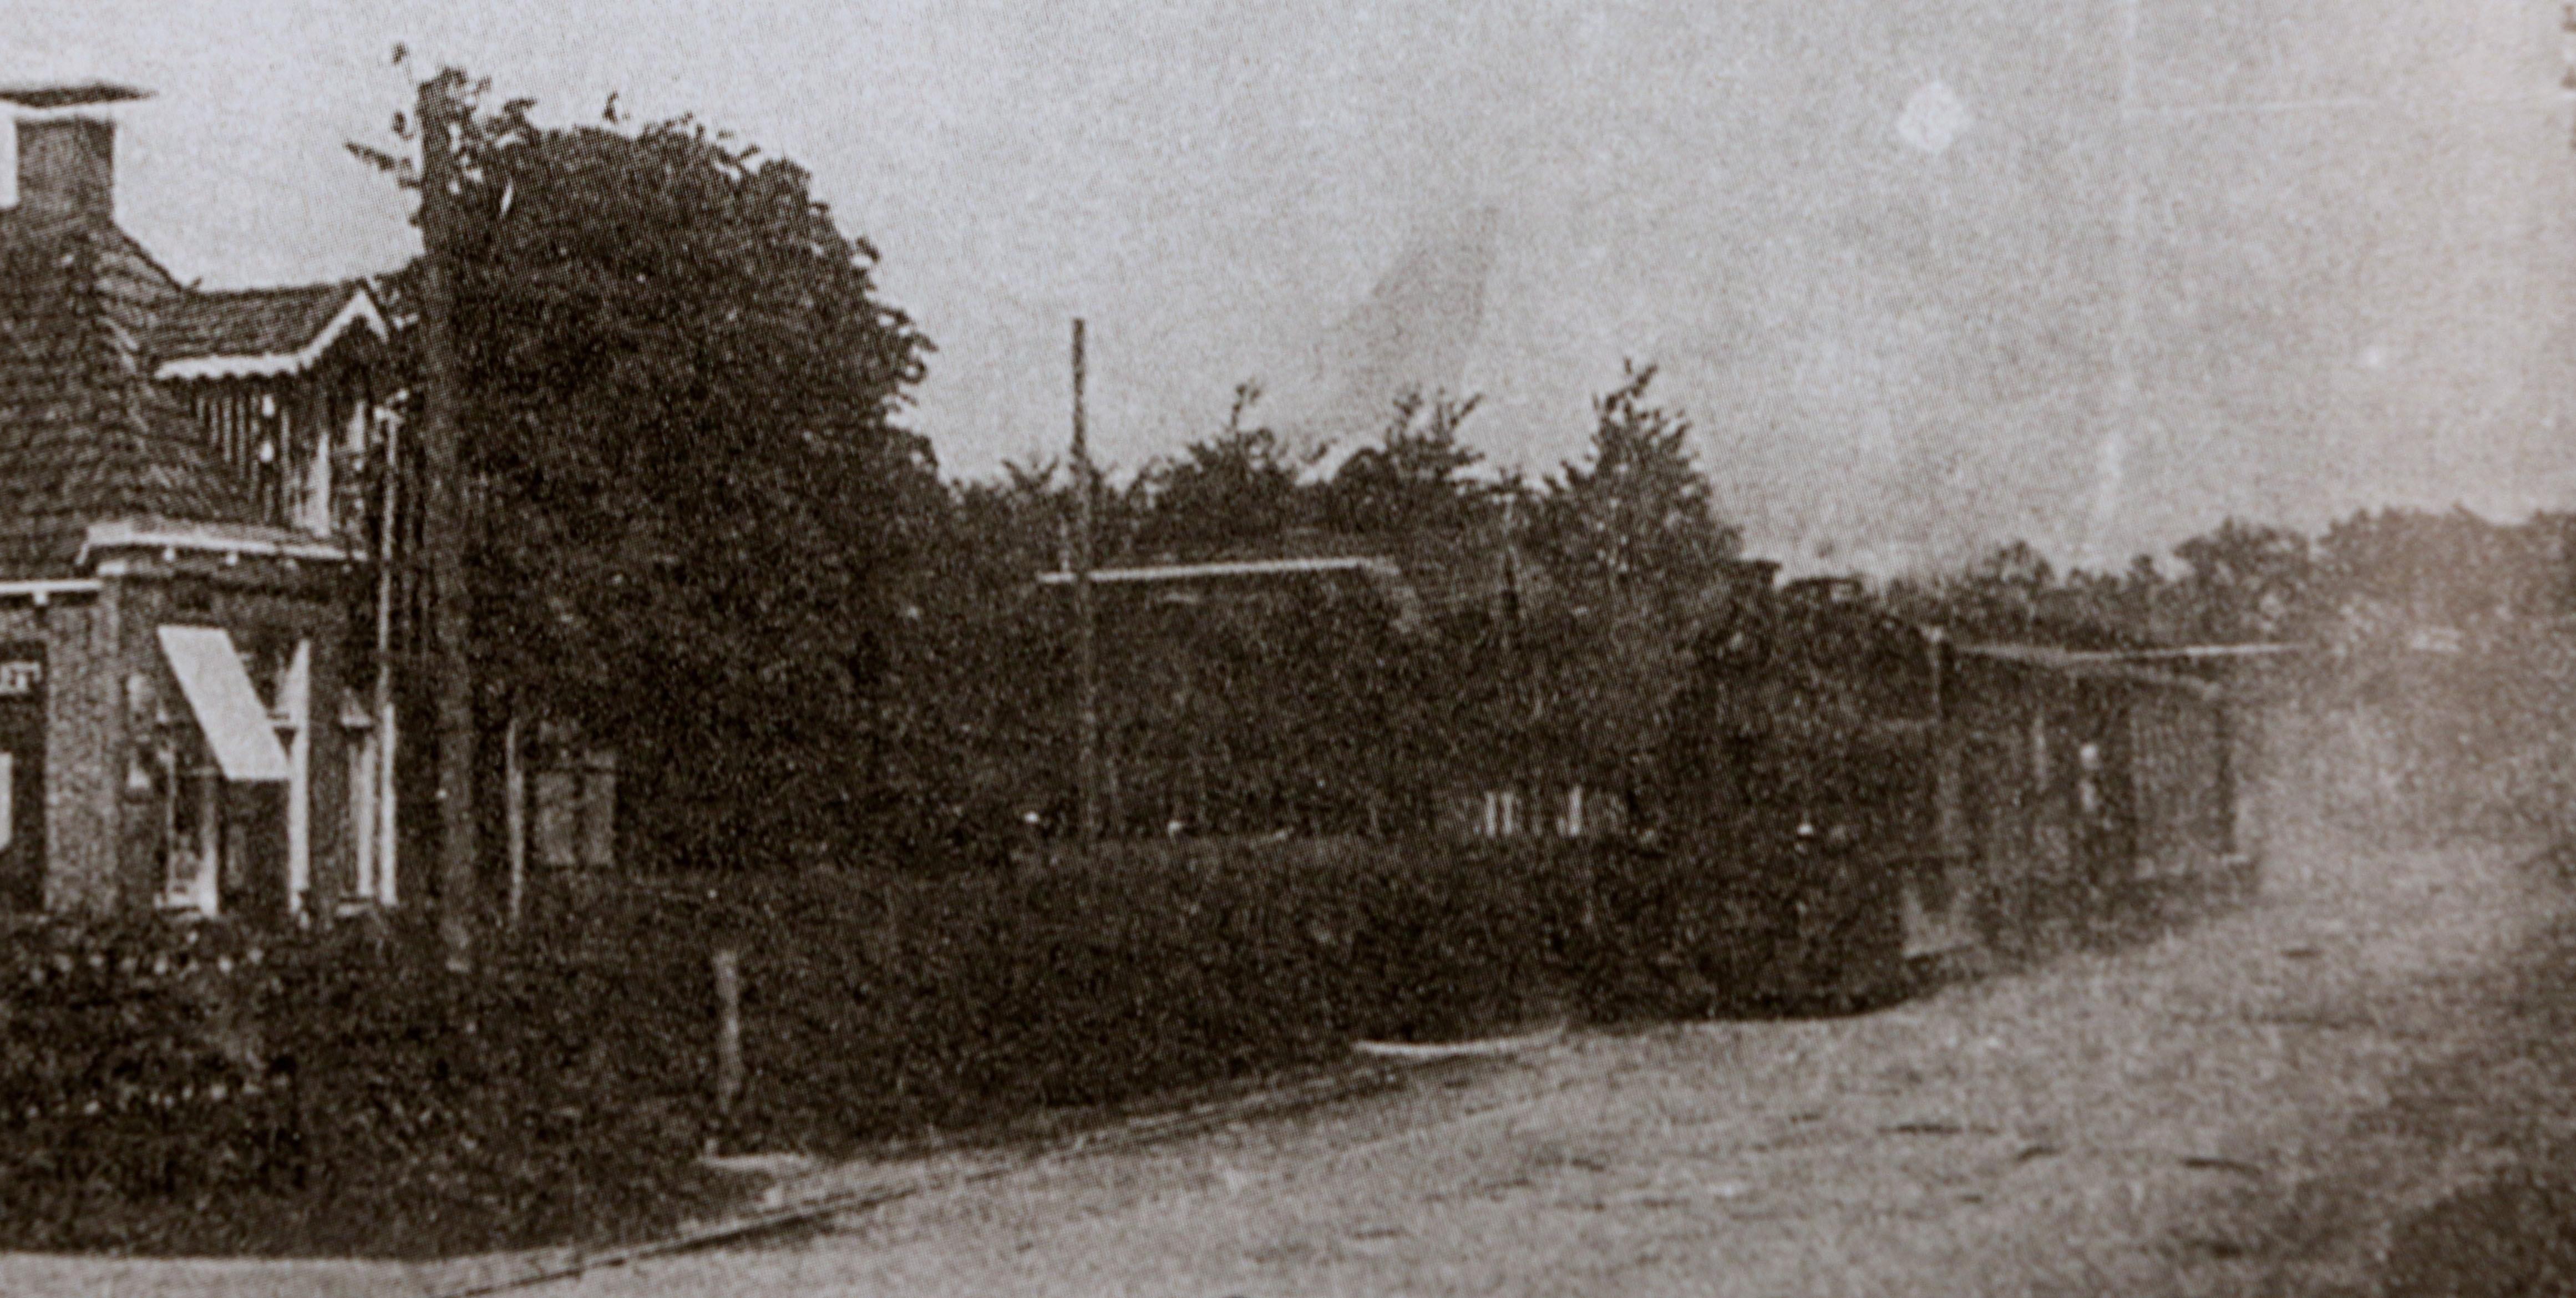 Het spoor liep aan de noordkant van Nijtap en de Kommisjewei.